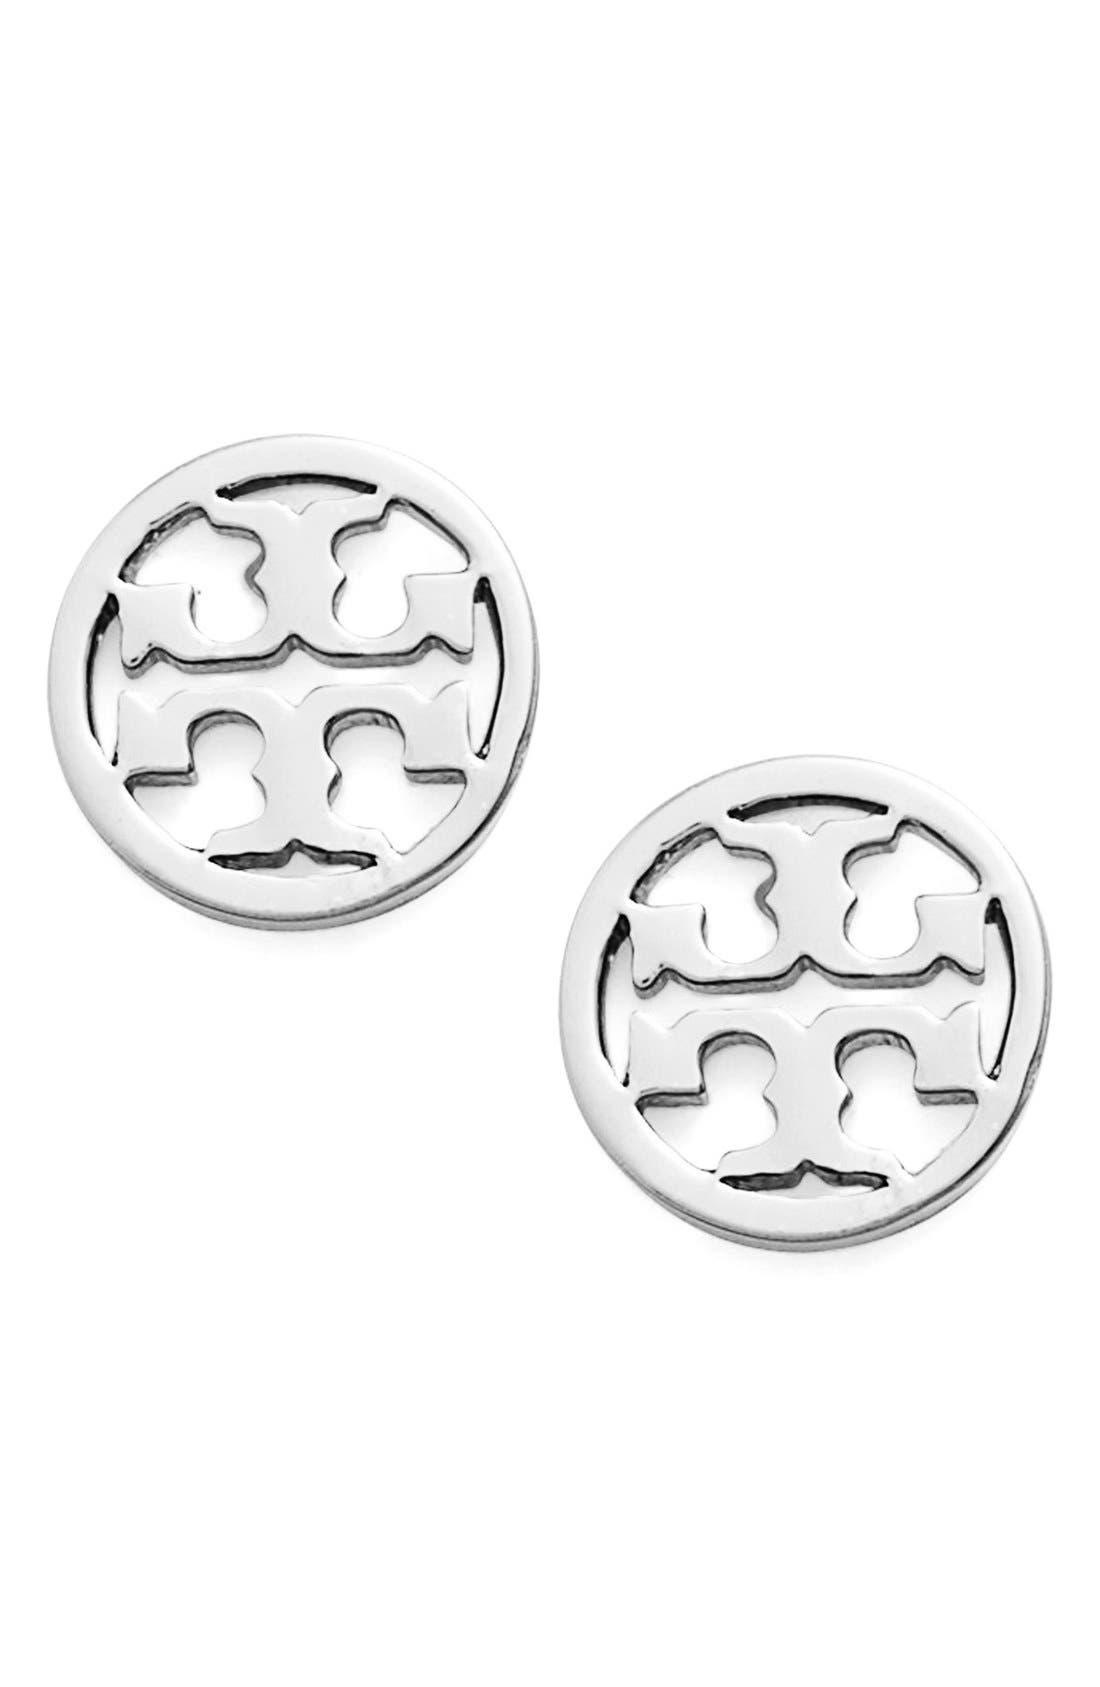 Main Image - Tory Burch Circle Logo Stud Earrings